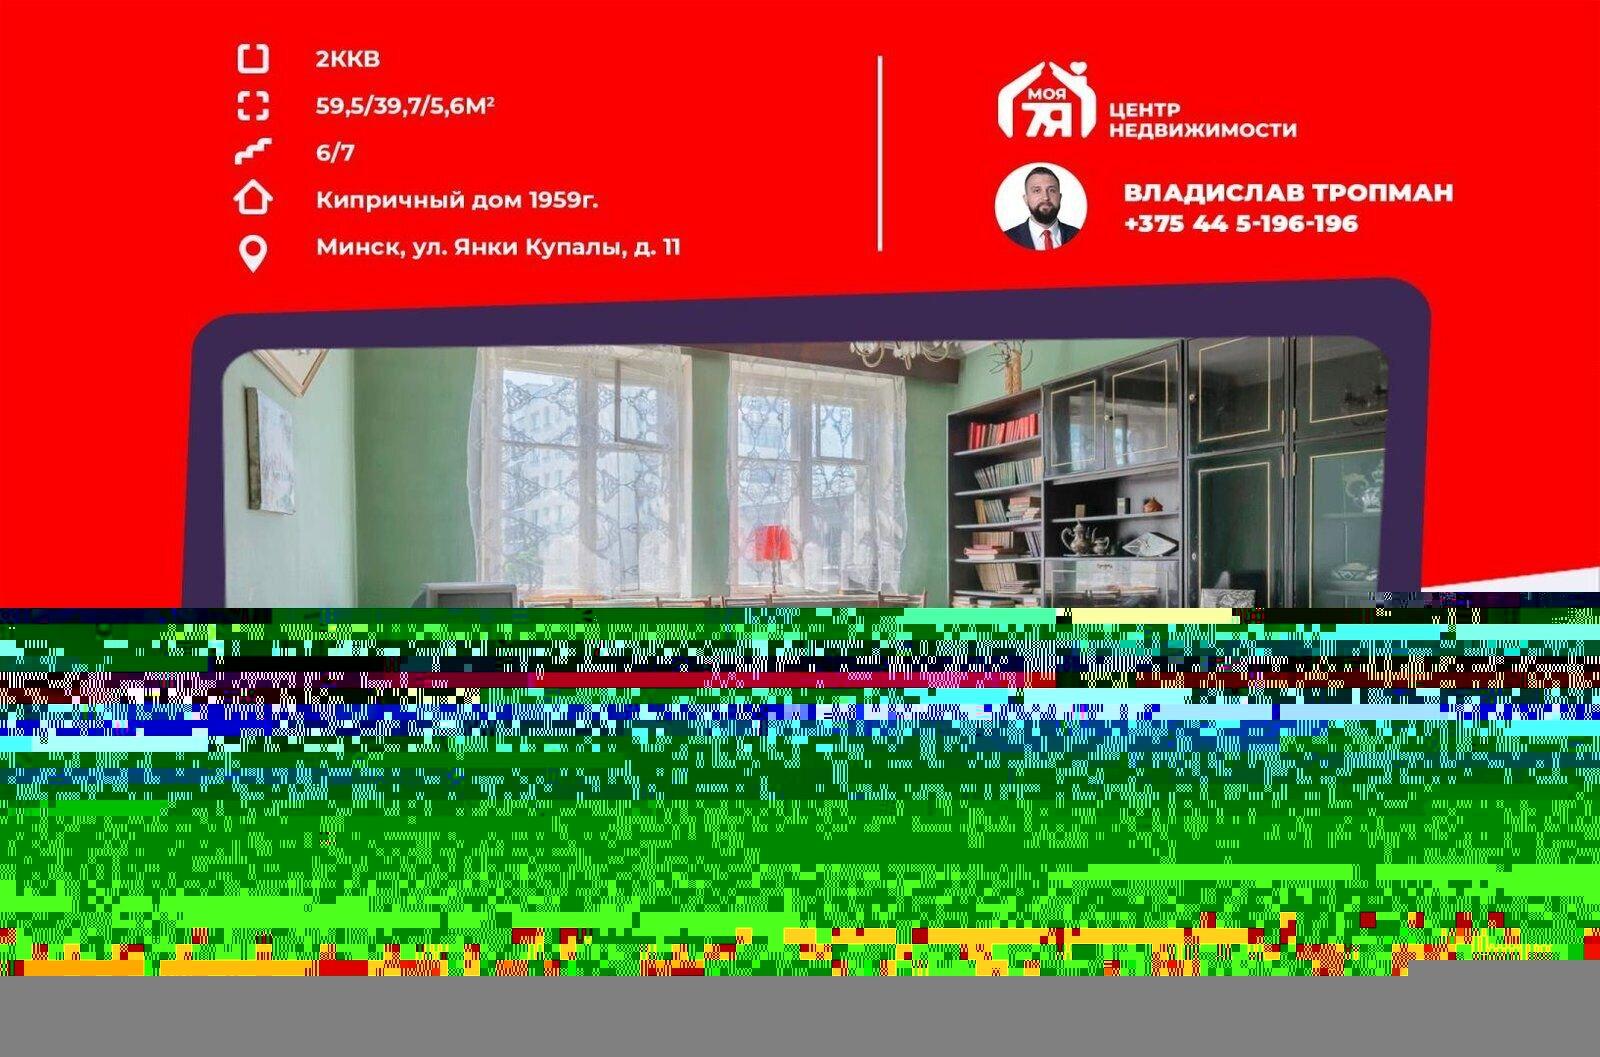 2 комнатная квартира в центре на Янки Купалы